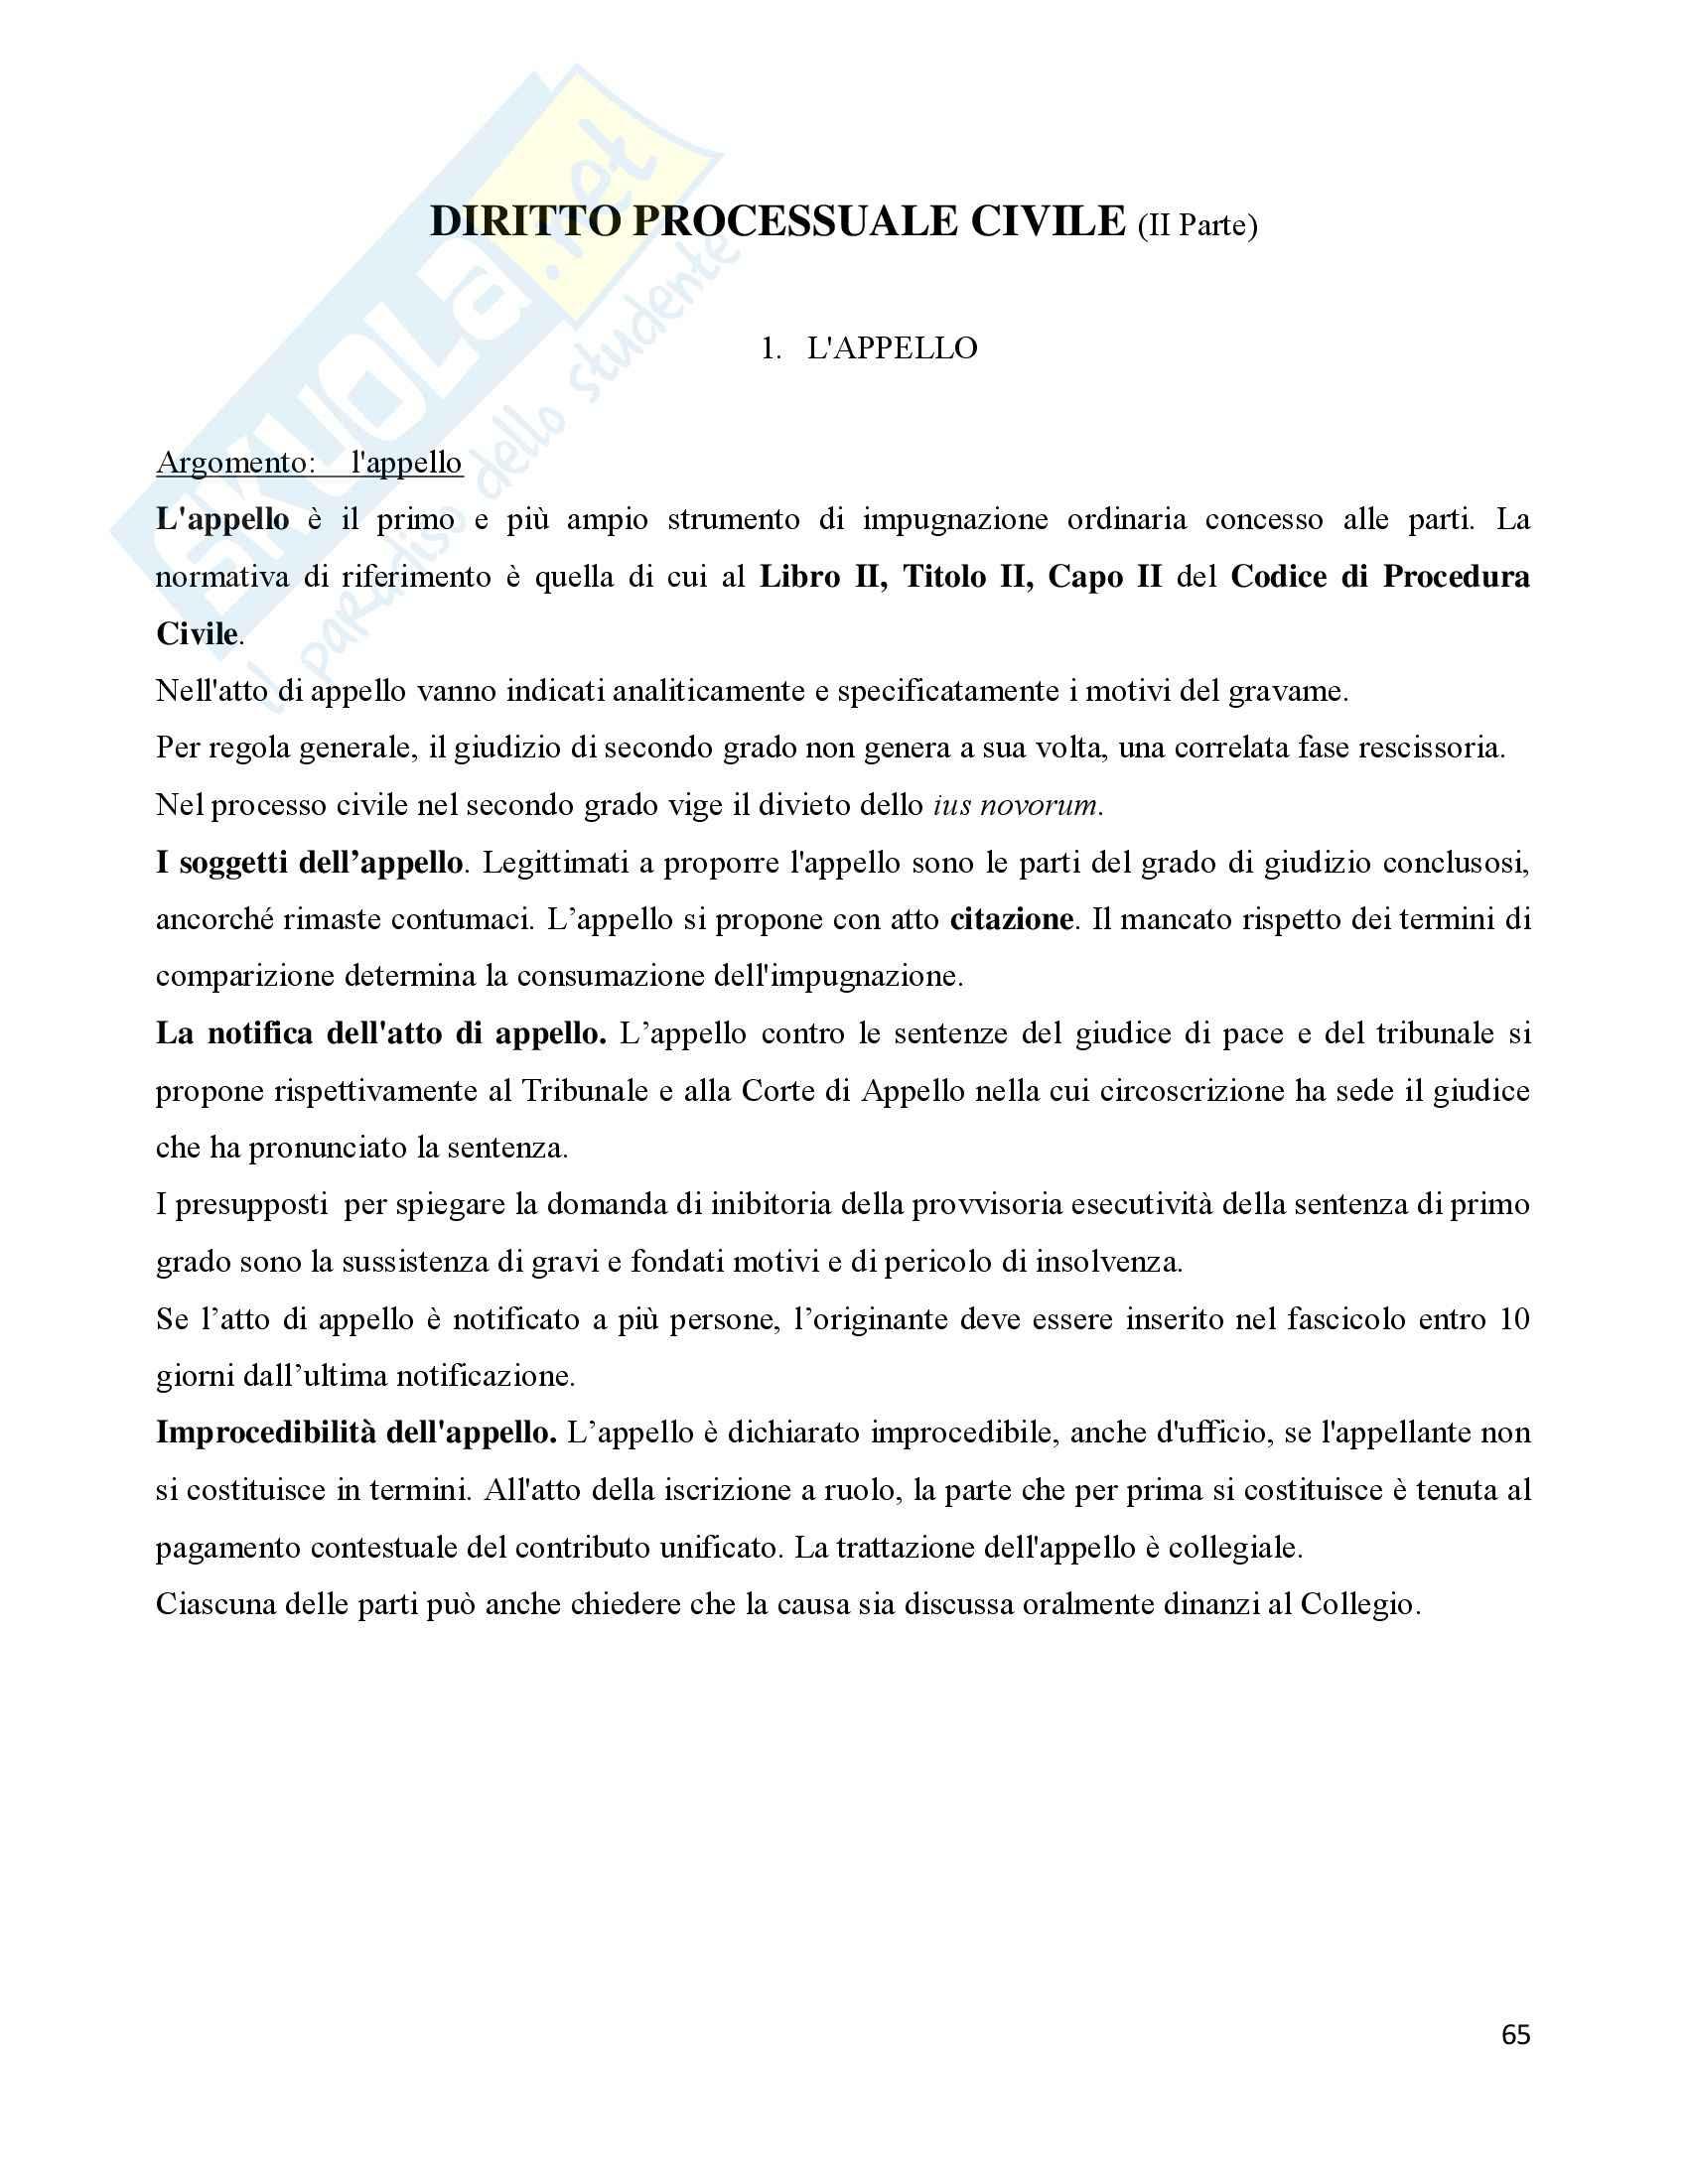 Diritto Precessuale civile - Appunti seconda parte